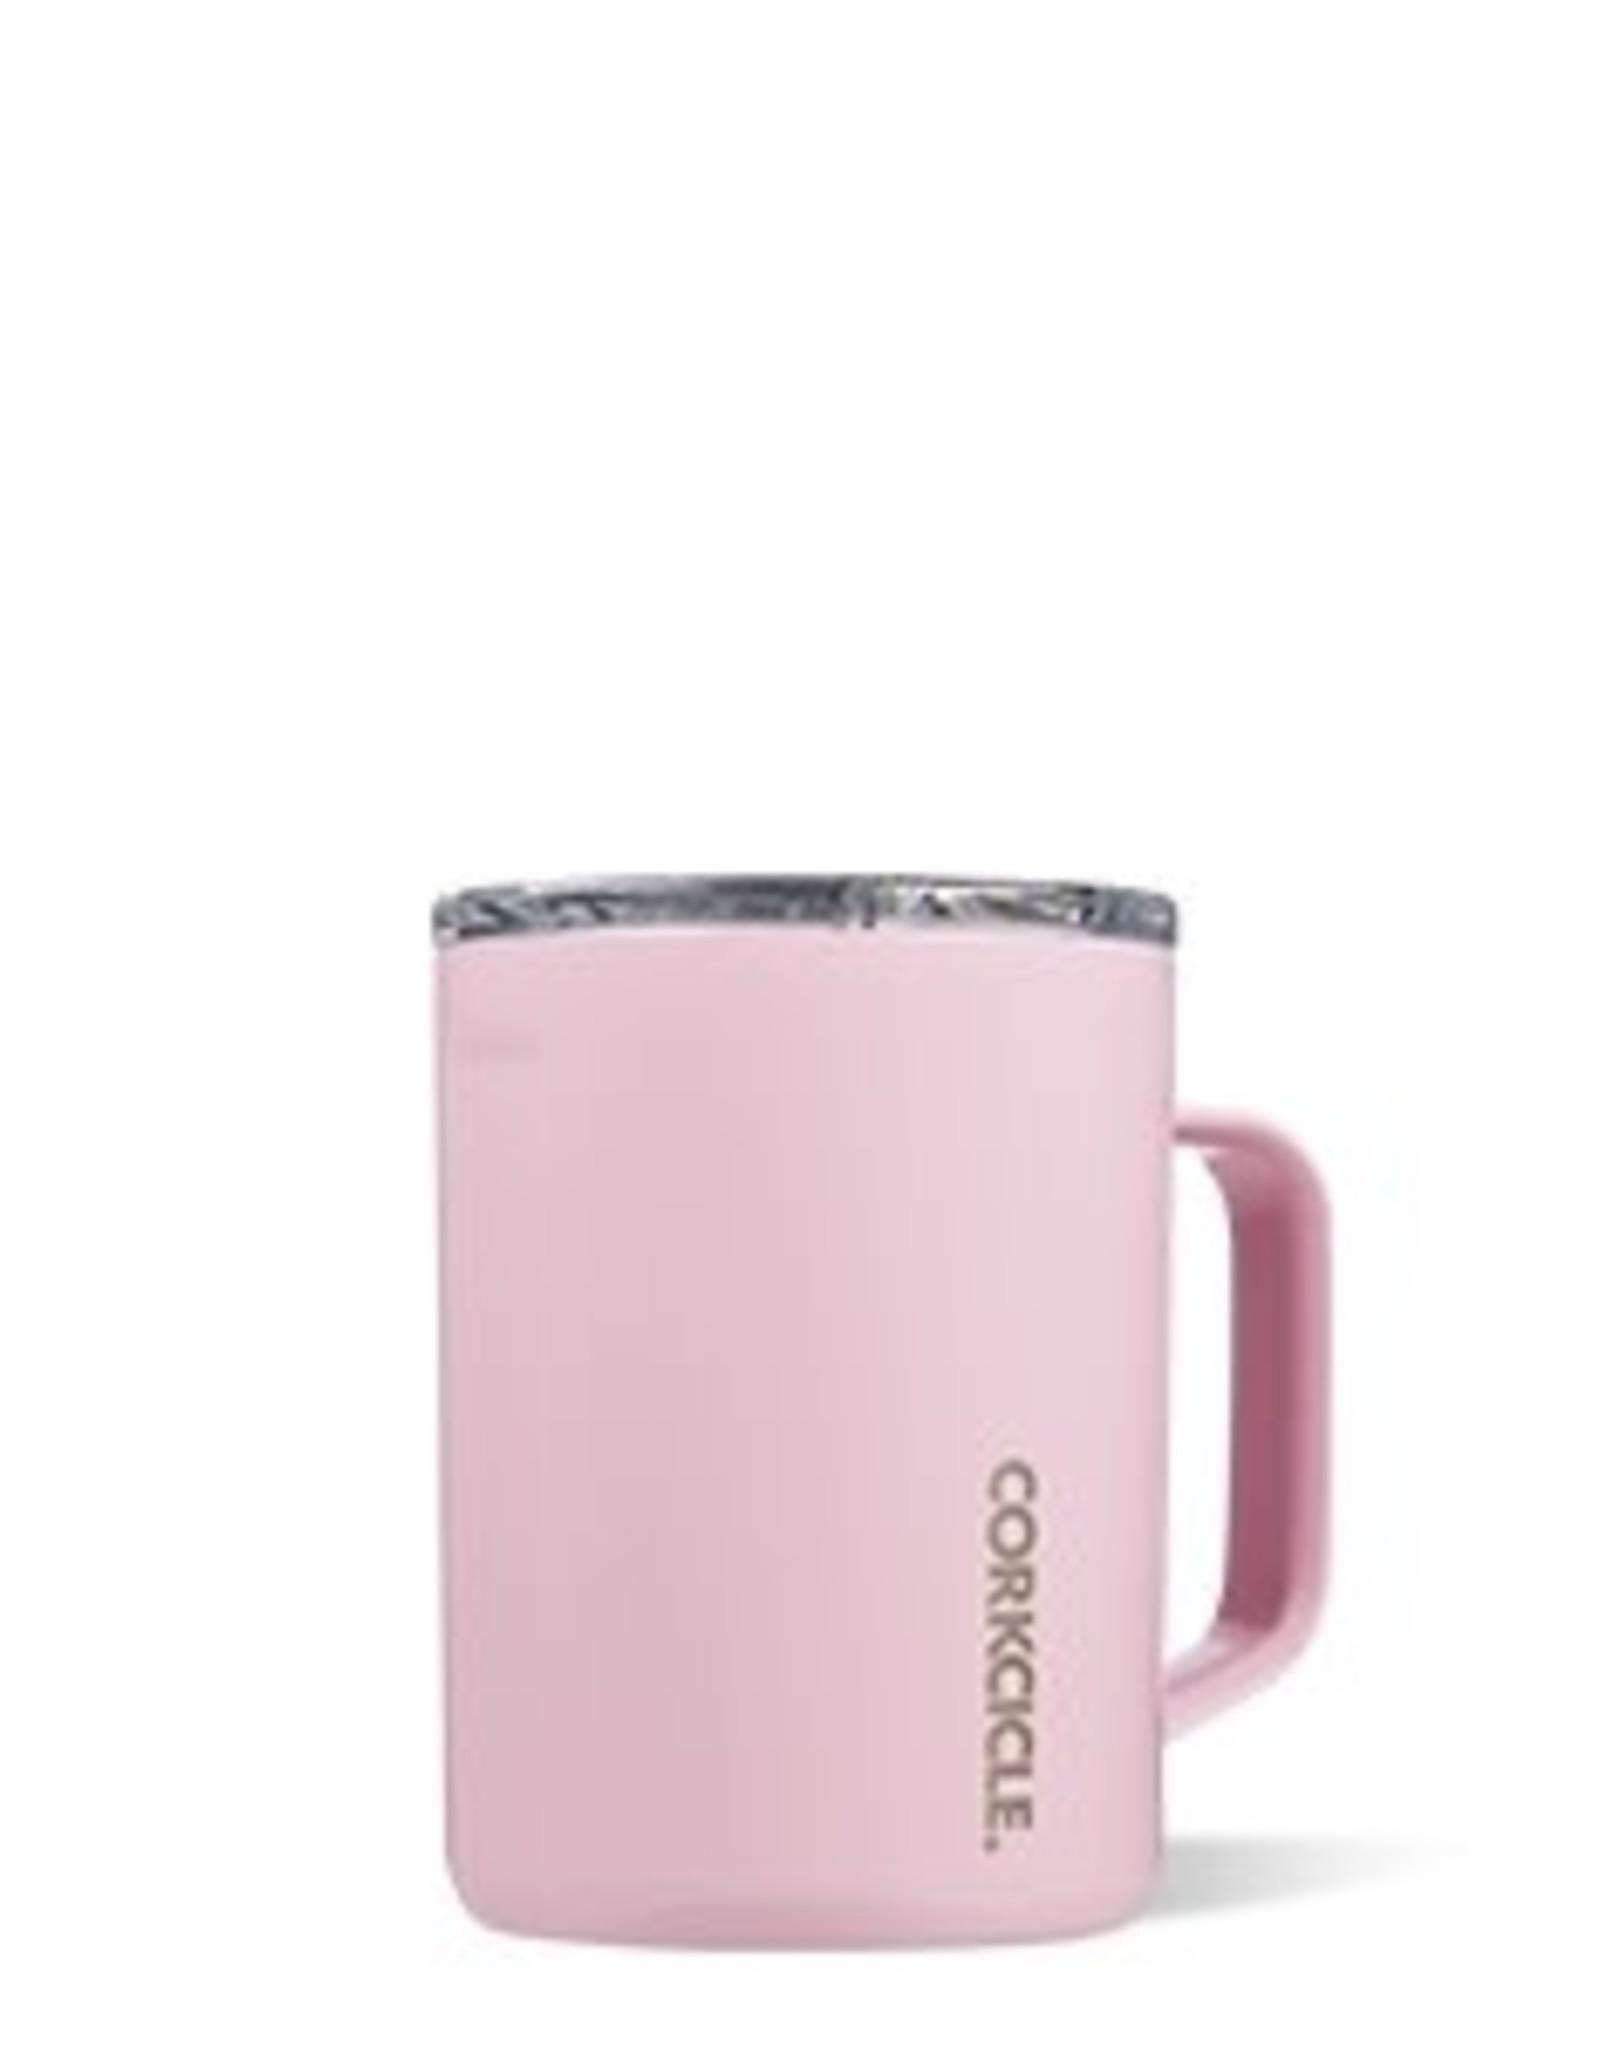 Corkcicle Mug- 16oz Rose Quartz